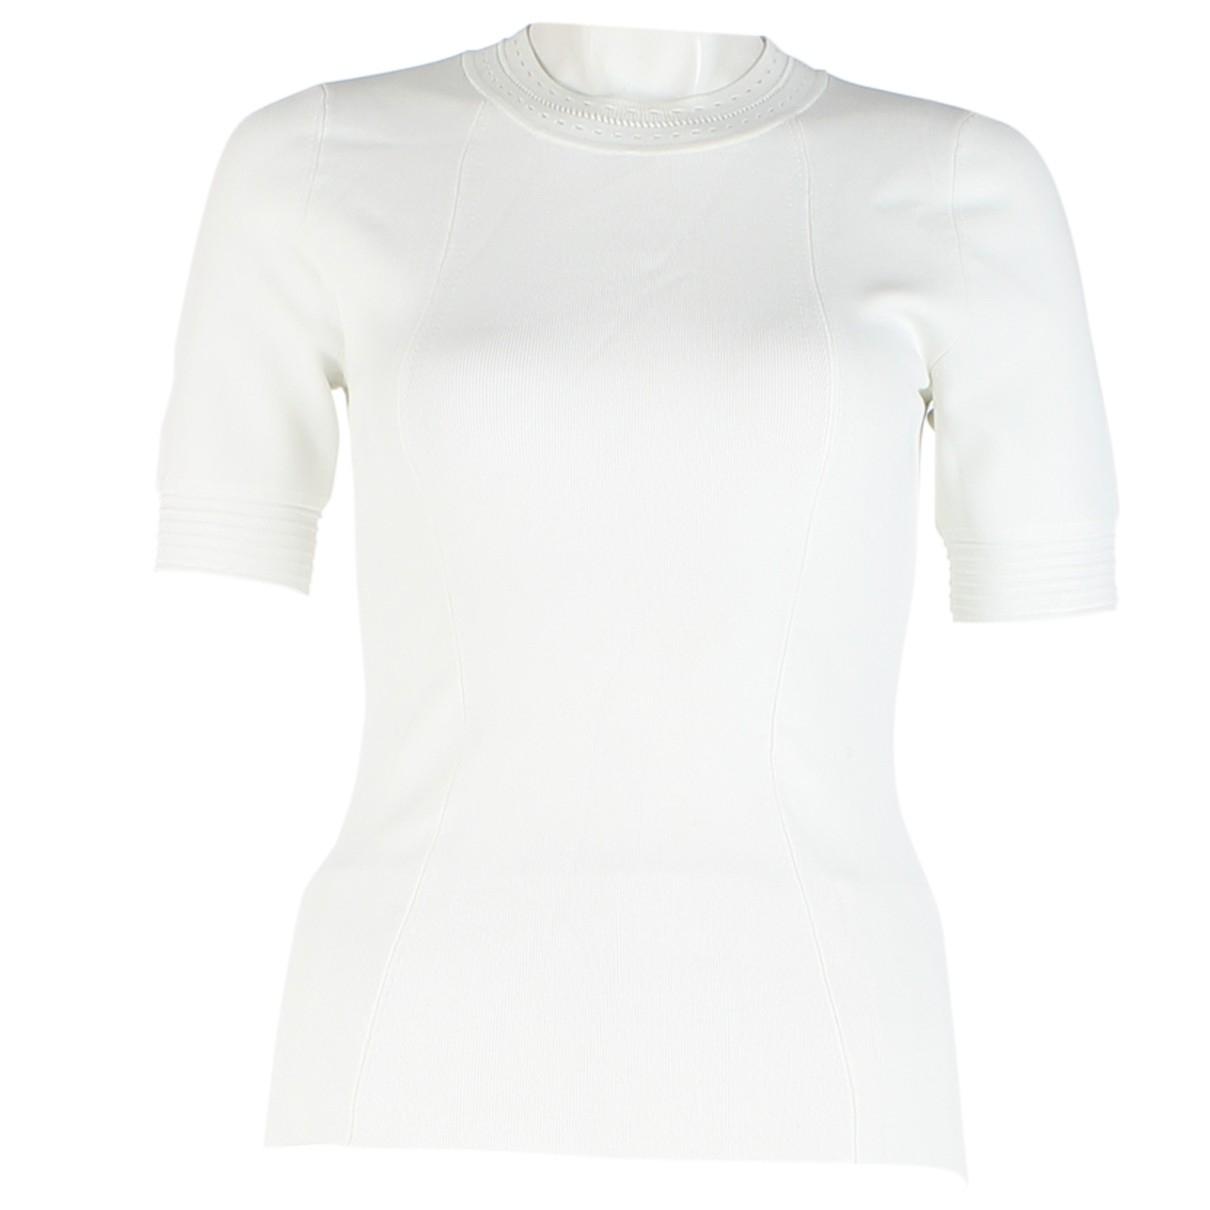 3.1 Phillip Lim ecru Viscose Shirts